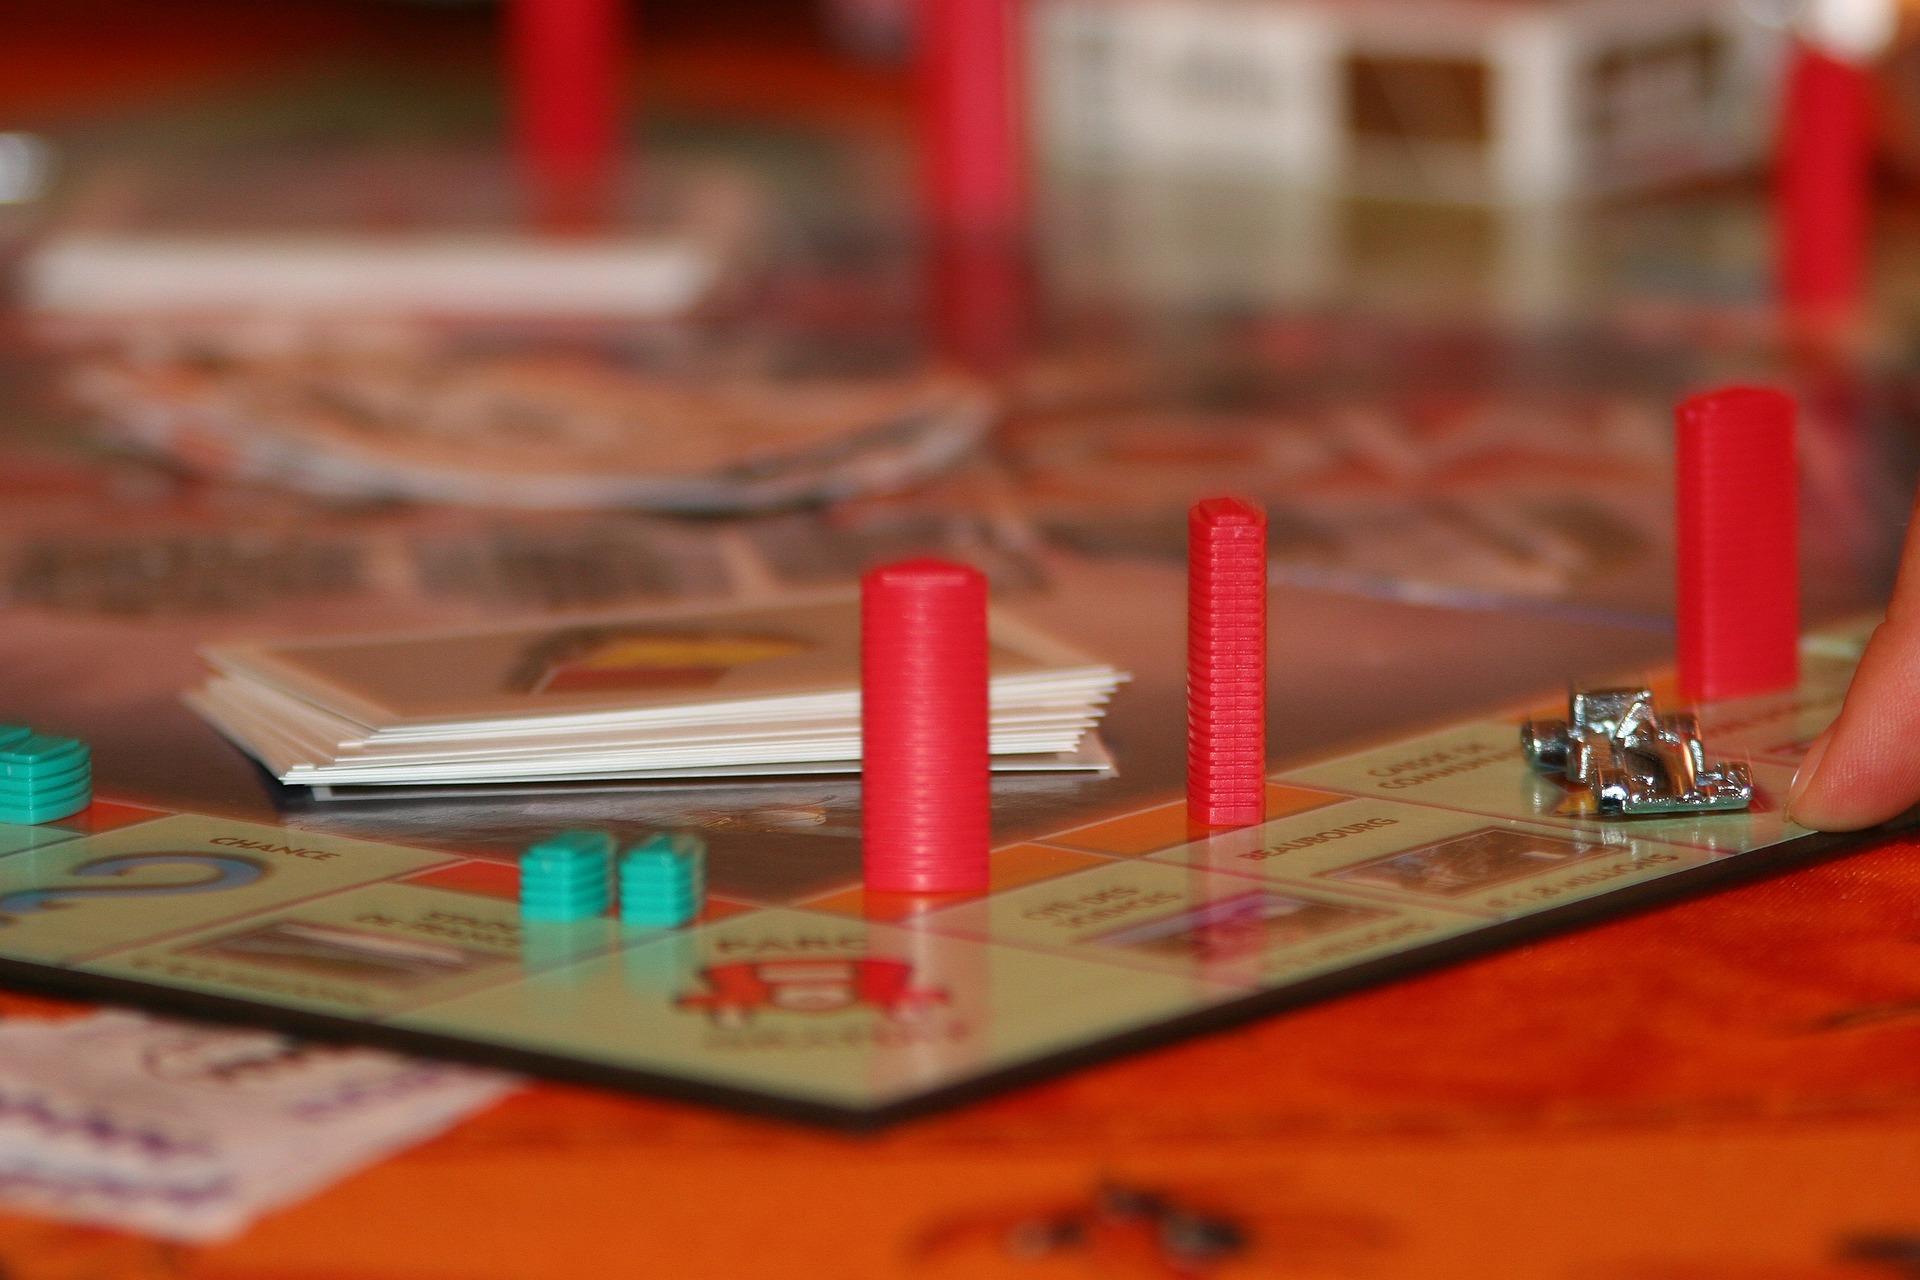 Gesellschaftsspiele, wichtig für die Entwicklung